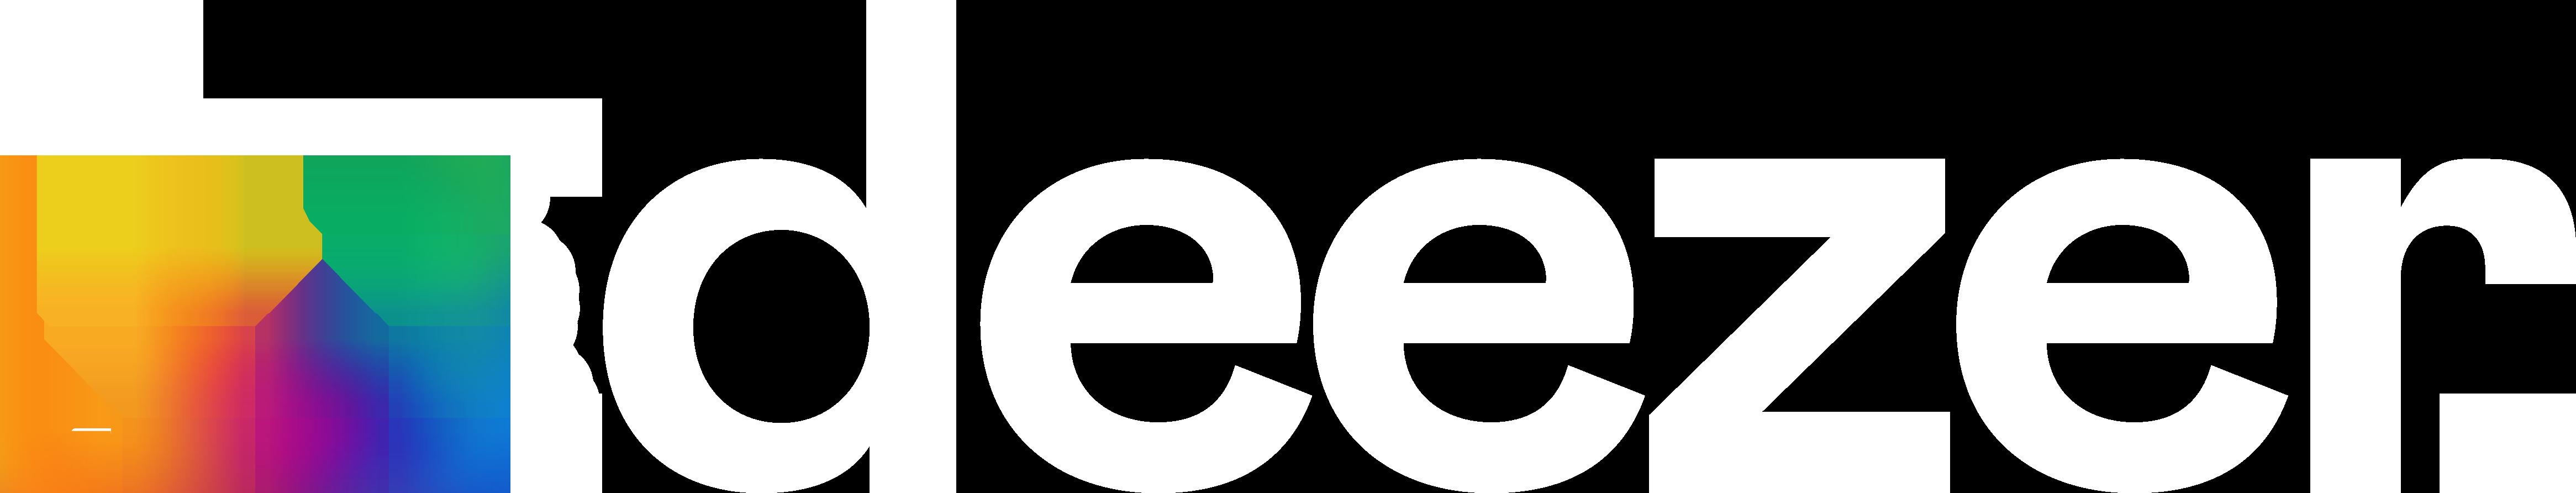 Derer Logo